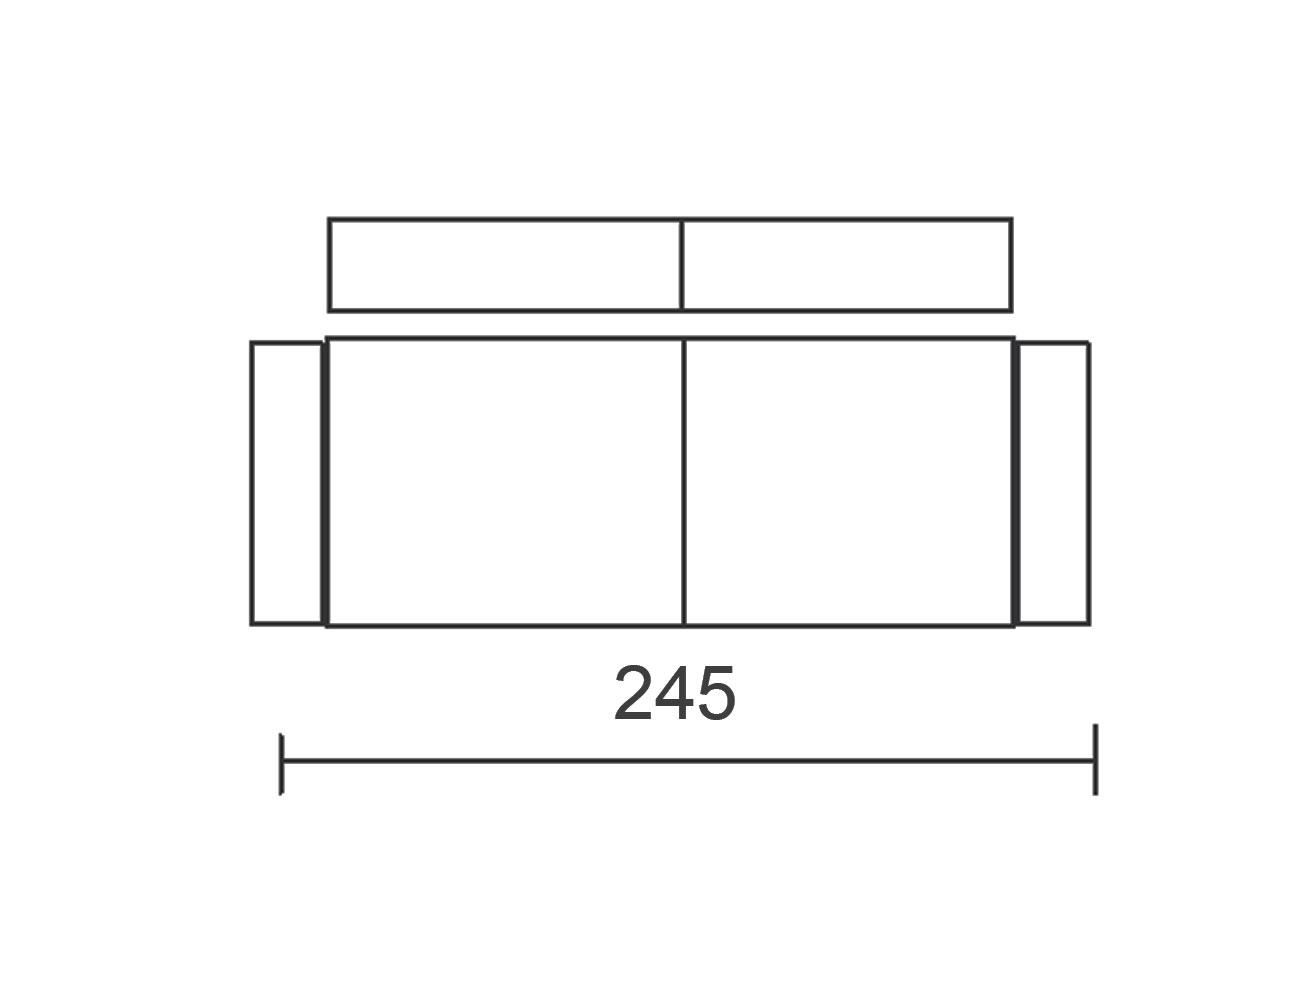 Modulo 2451